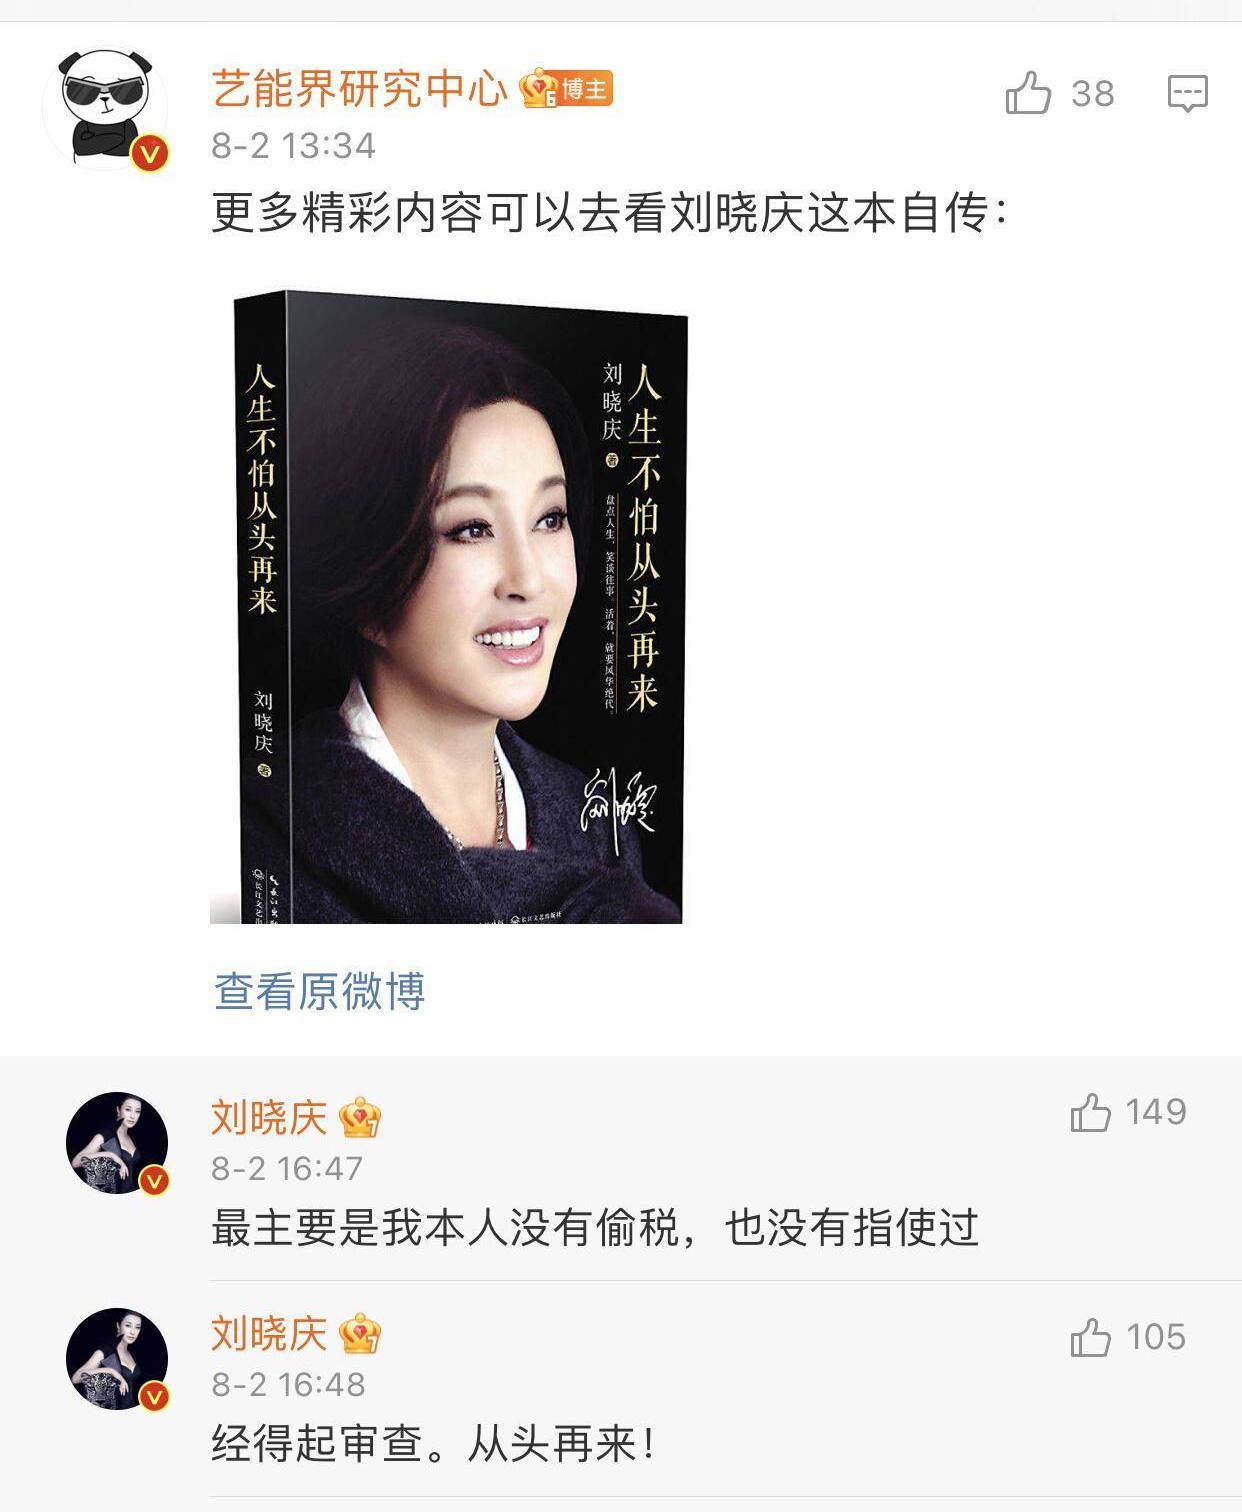 劉曉慶回應稅務風波:本人沒有偷稅也沒有指使過